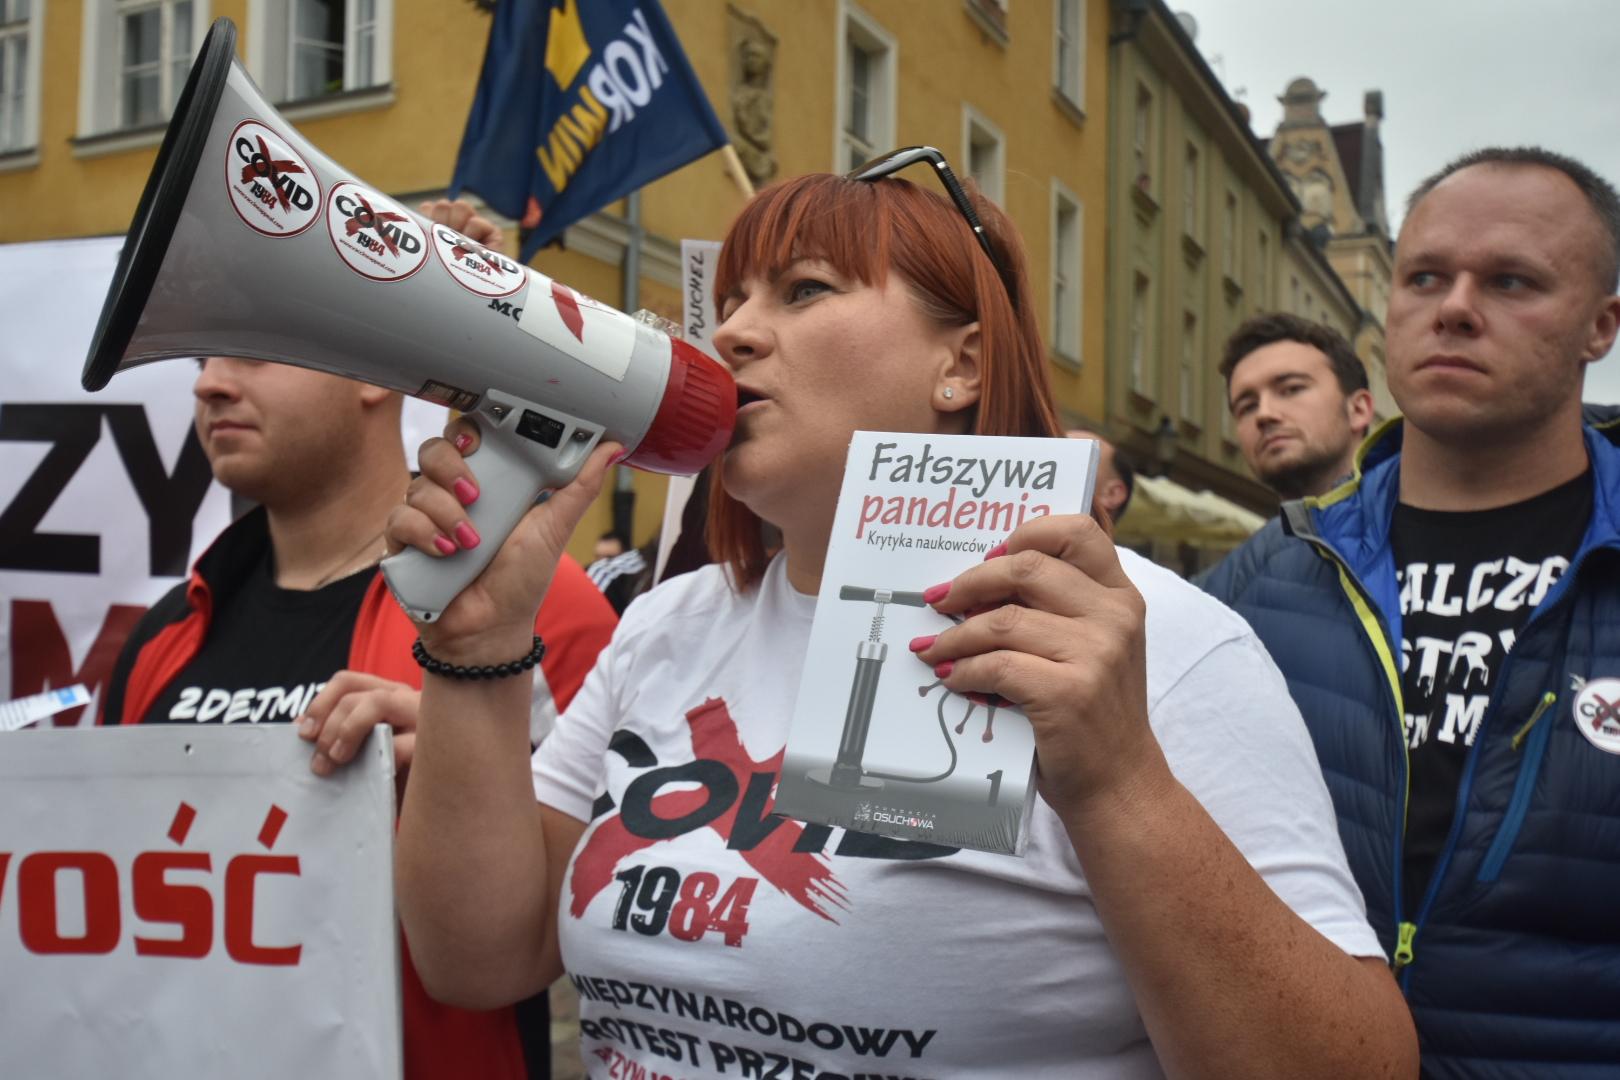 demonstracja antycovid - Wojtek Wardejn